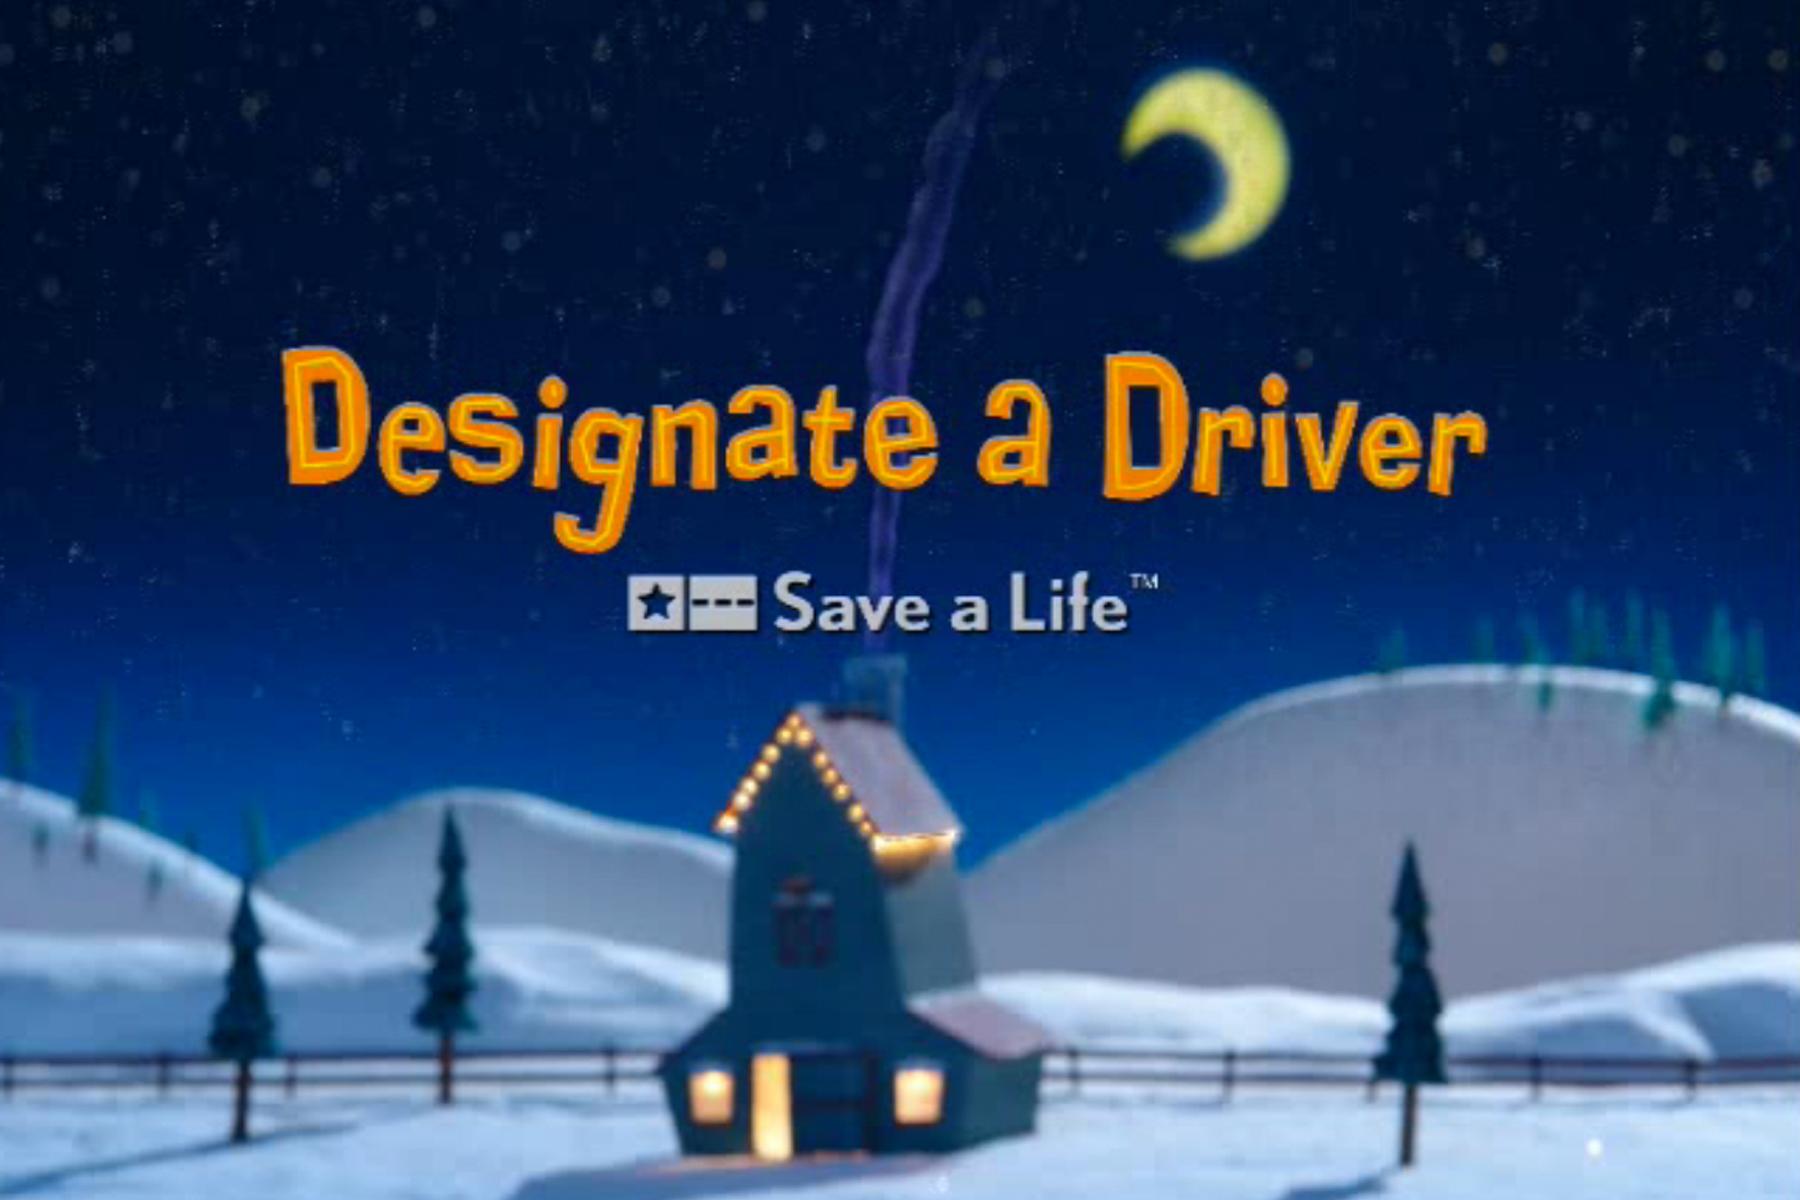 DESIGNATE A DRIVER PSA.jpg